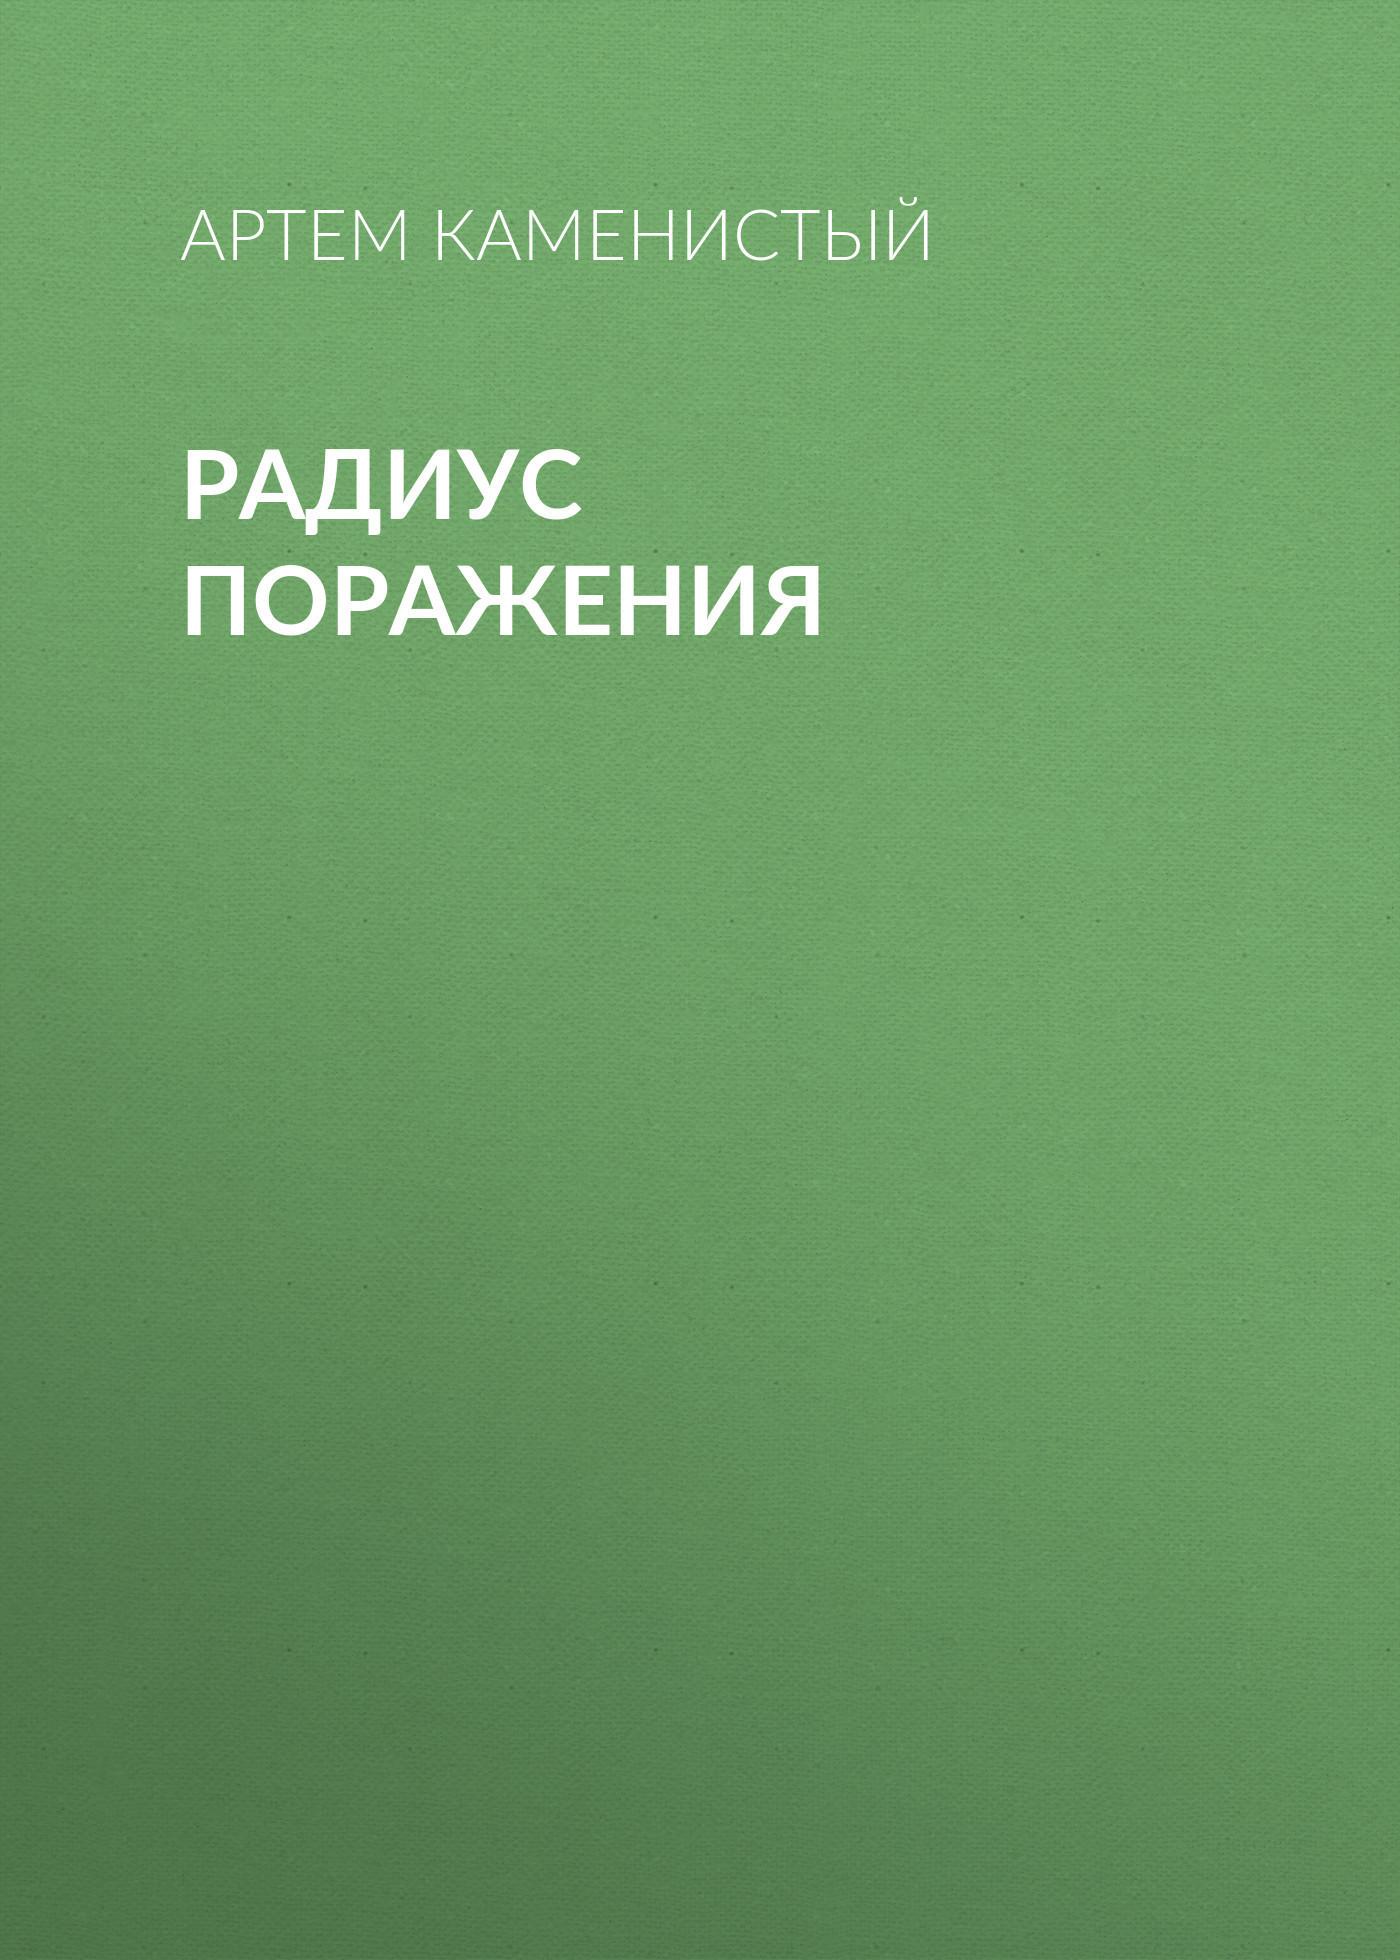 Артем Каменистый - Радиус поражения